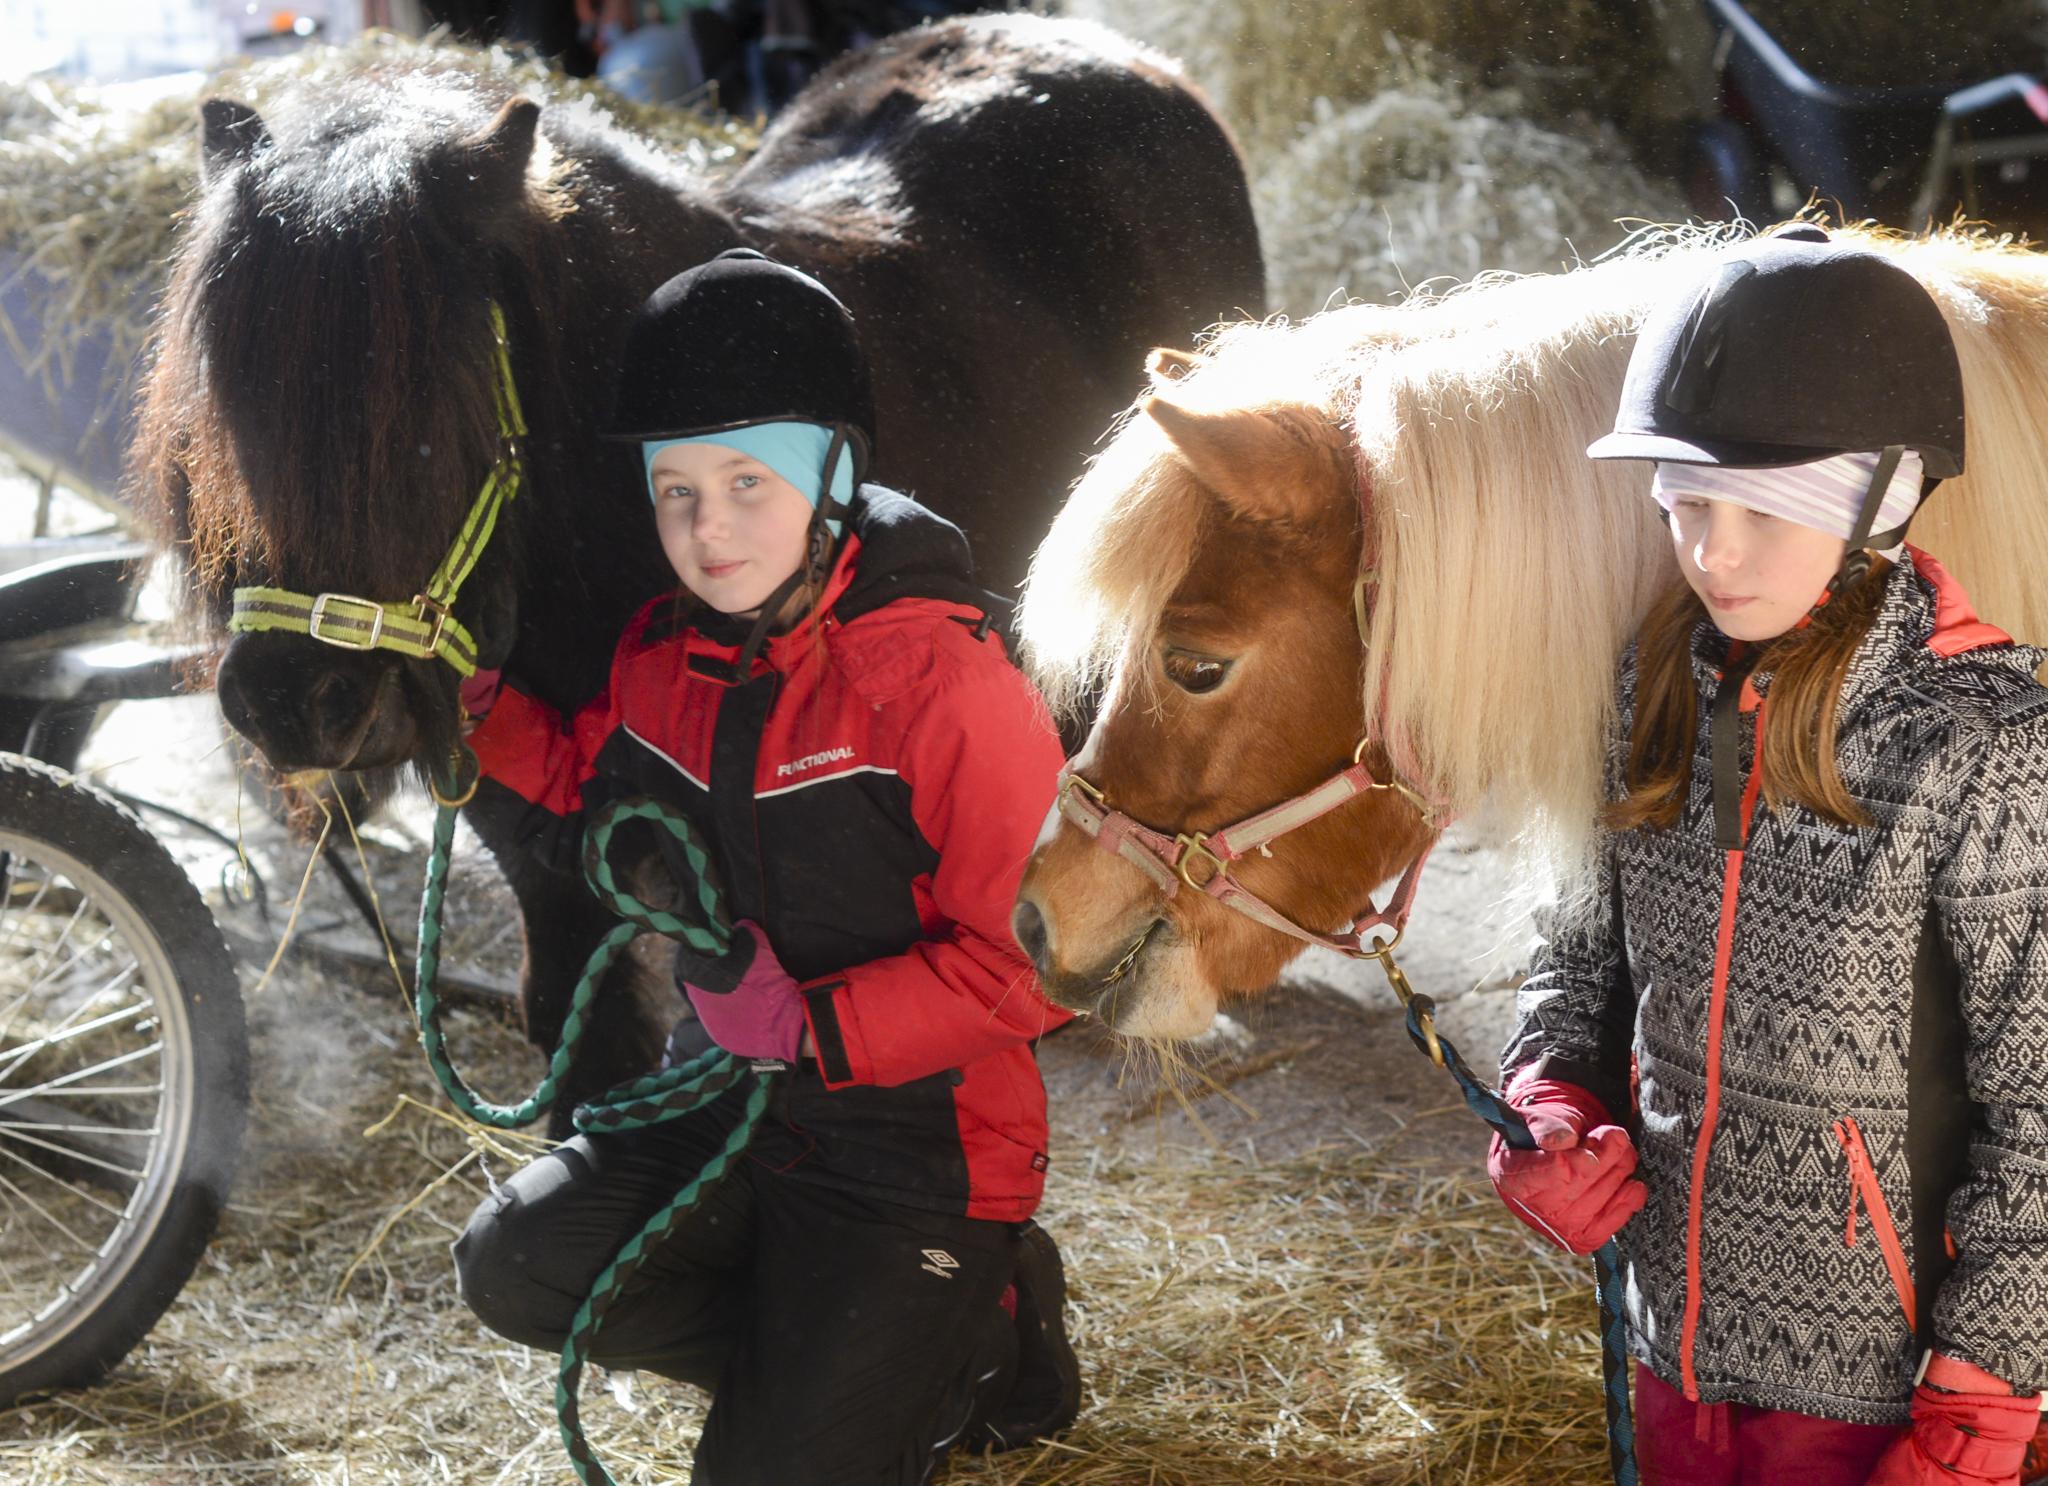 Aino ja Sofia Väänänen poseeraavat Gale ja Centa -ponien kanssa.